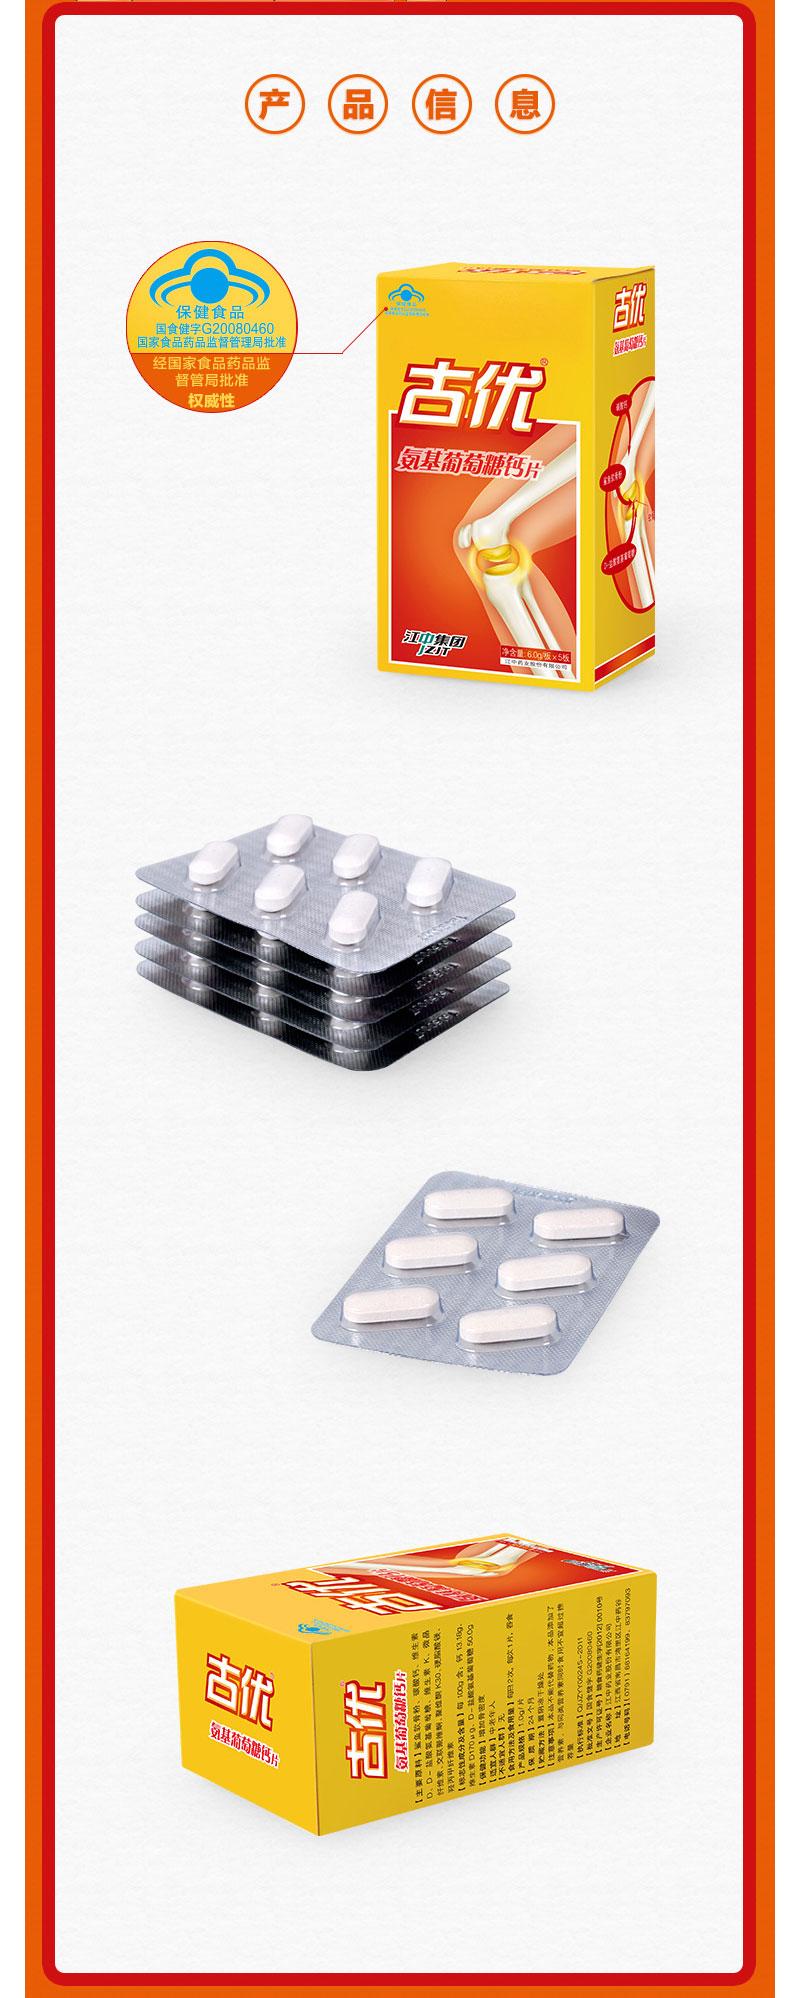 古优 古优牌氨基葡萄糖钙片 1g*6s*5板